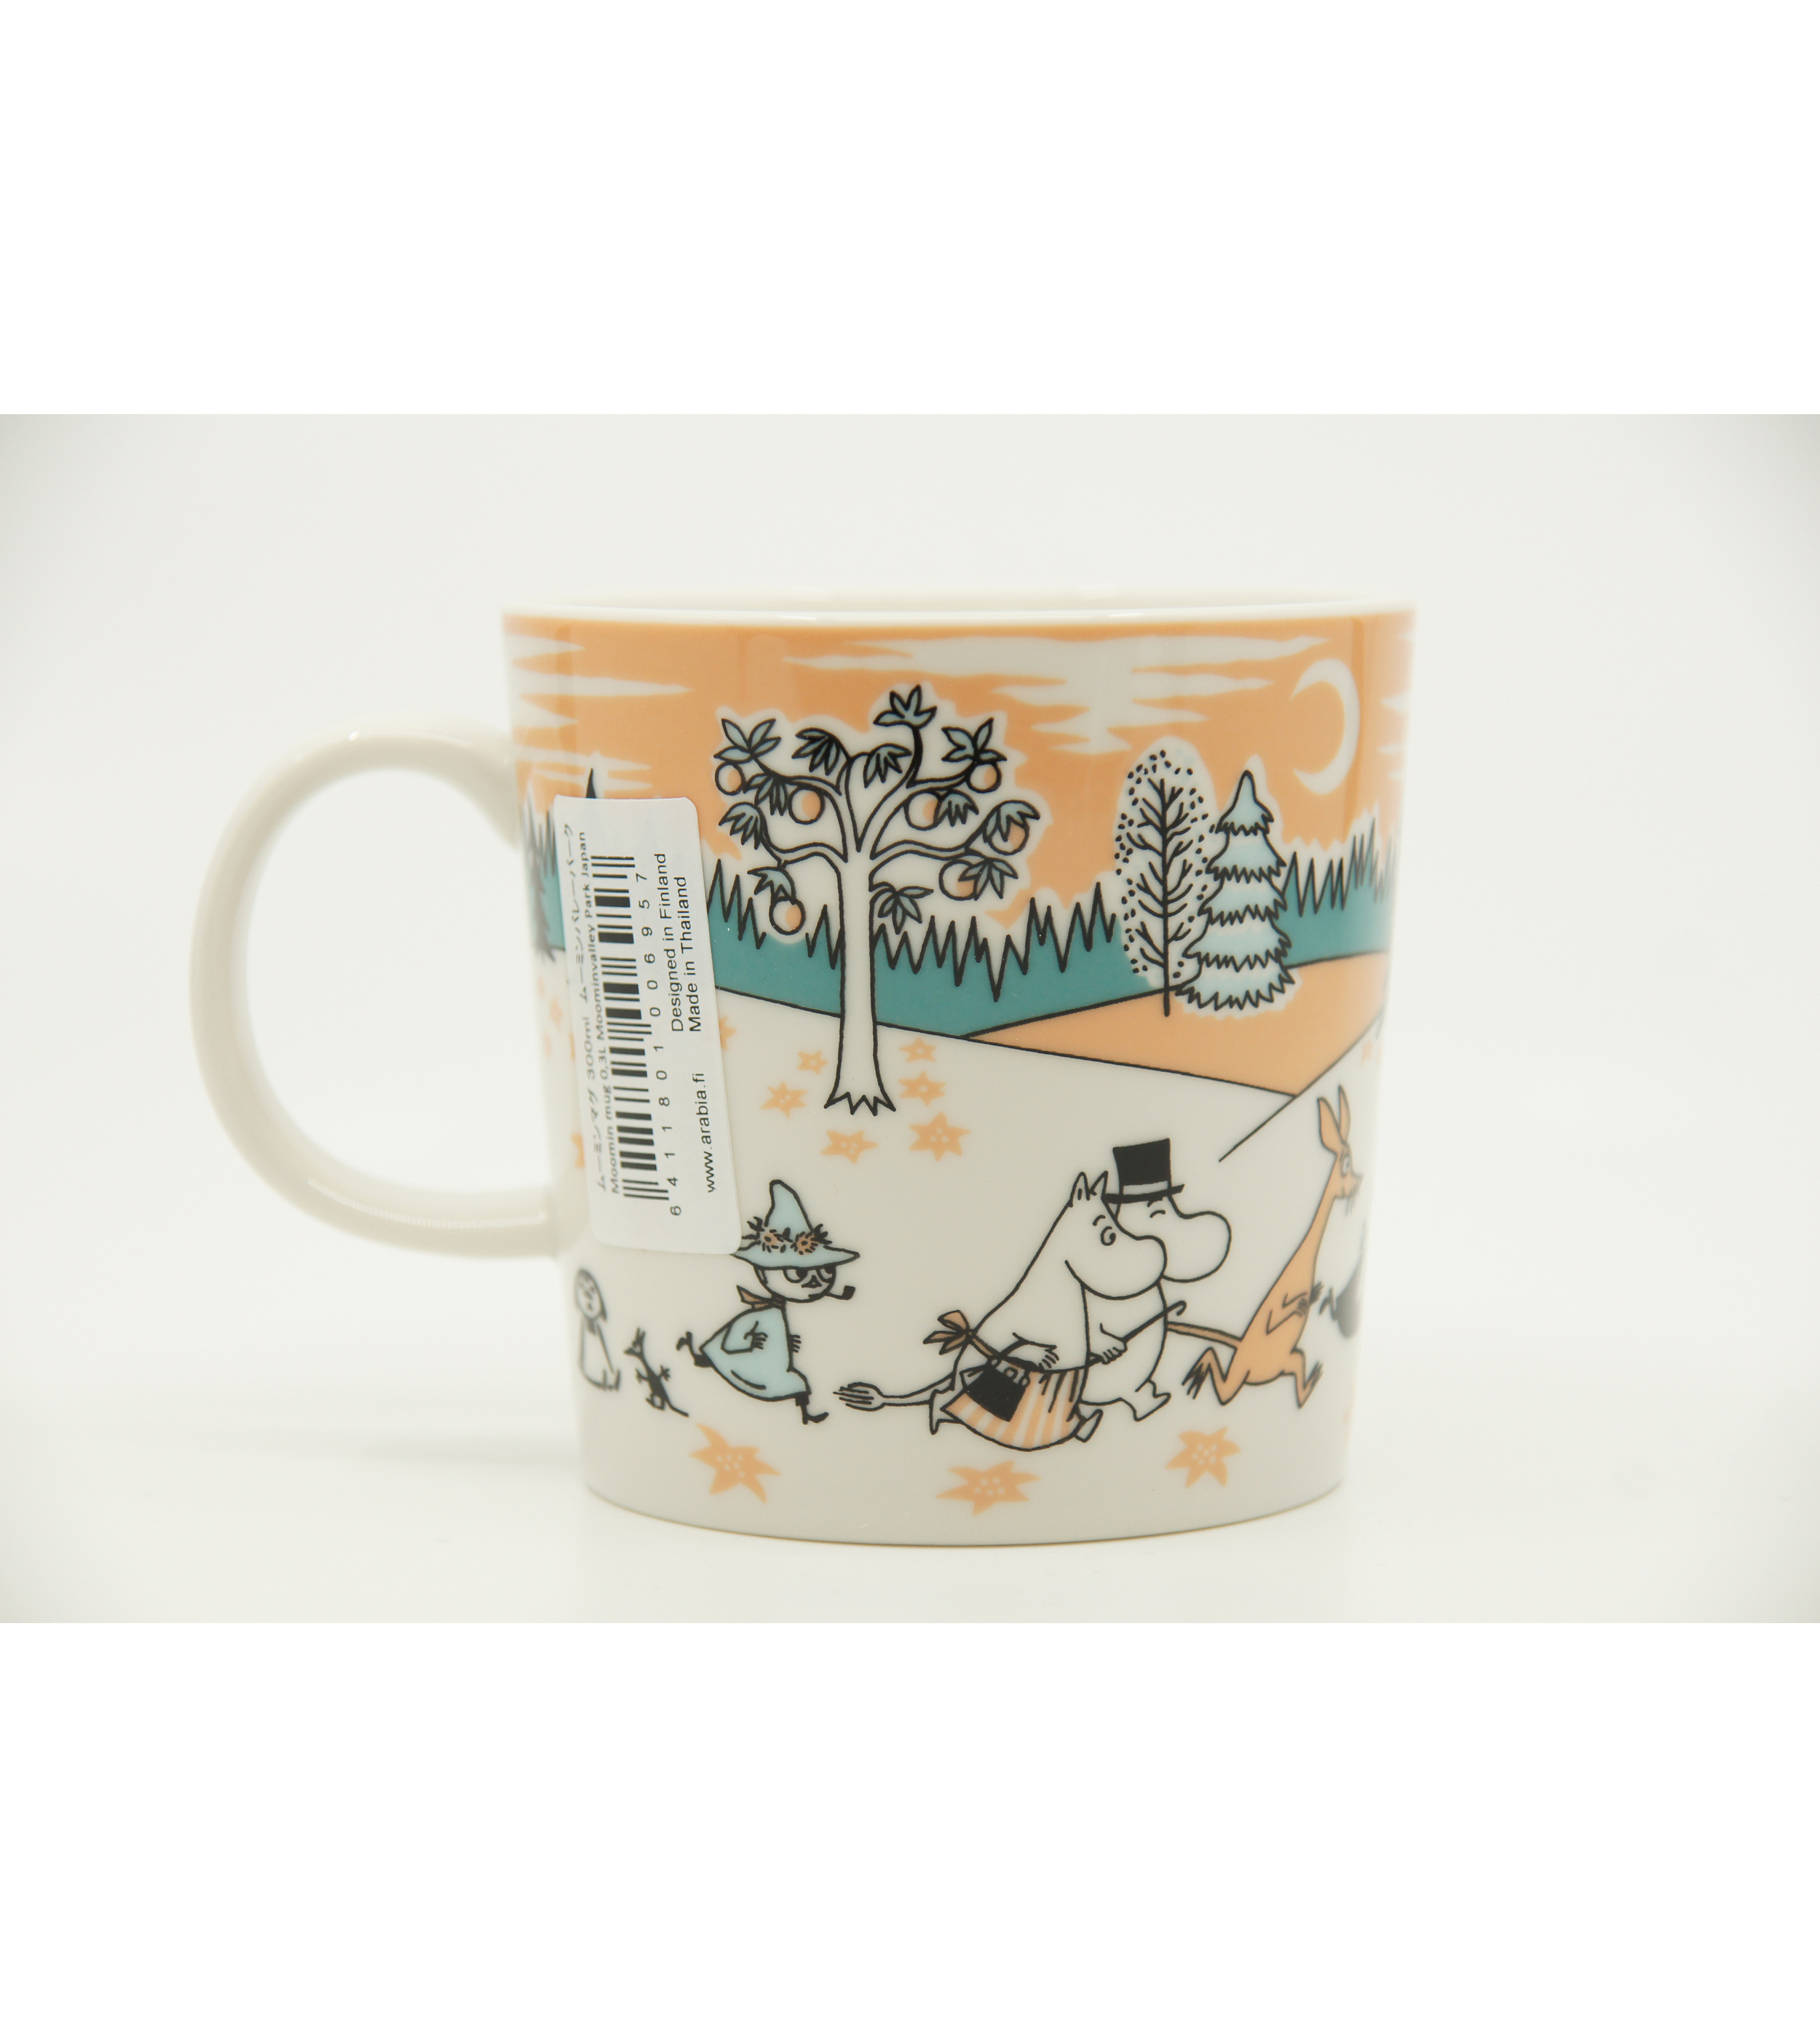 Moomin Mug Moominvalley Park Japan